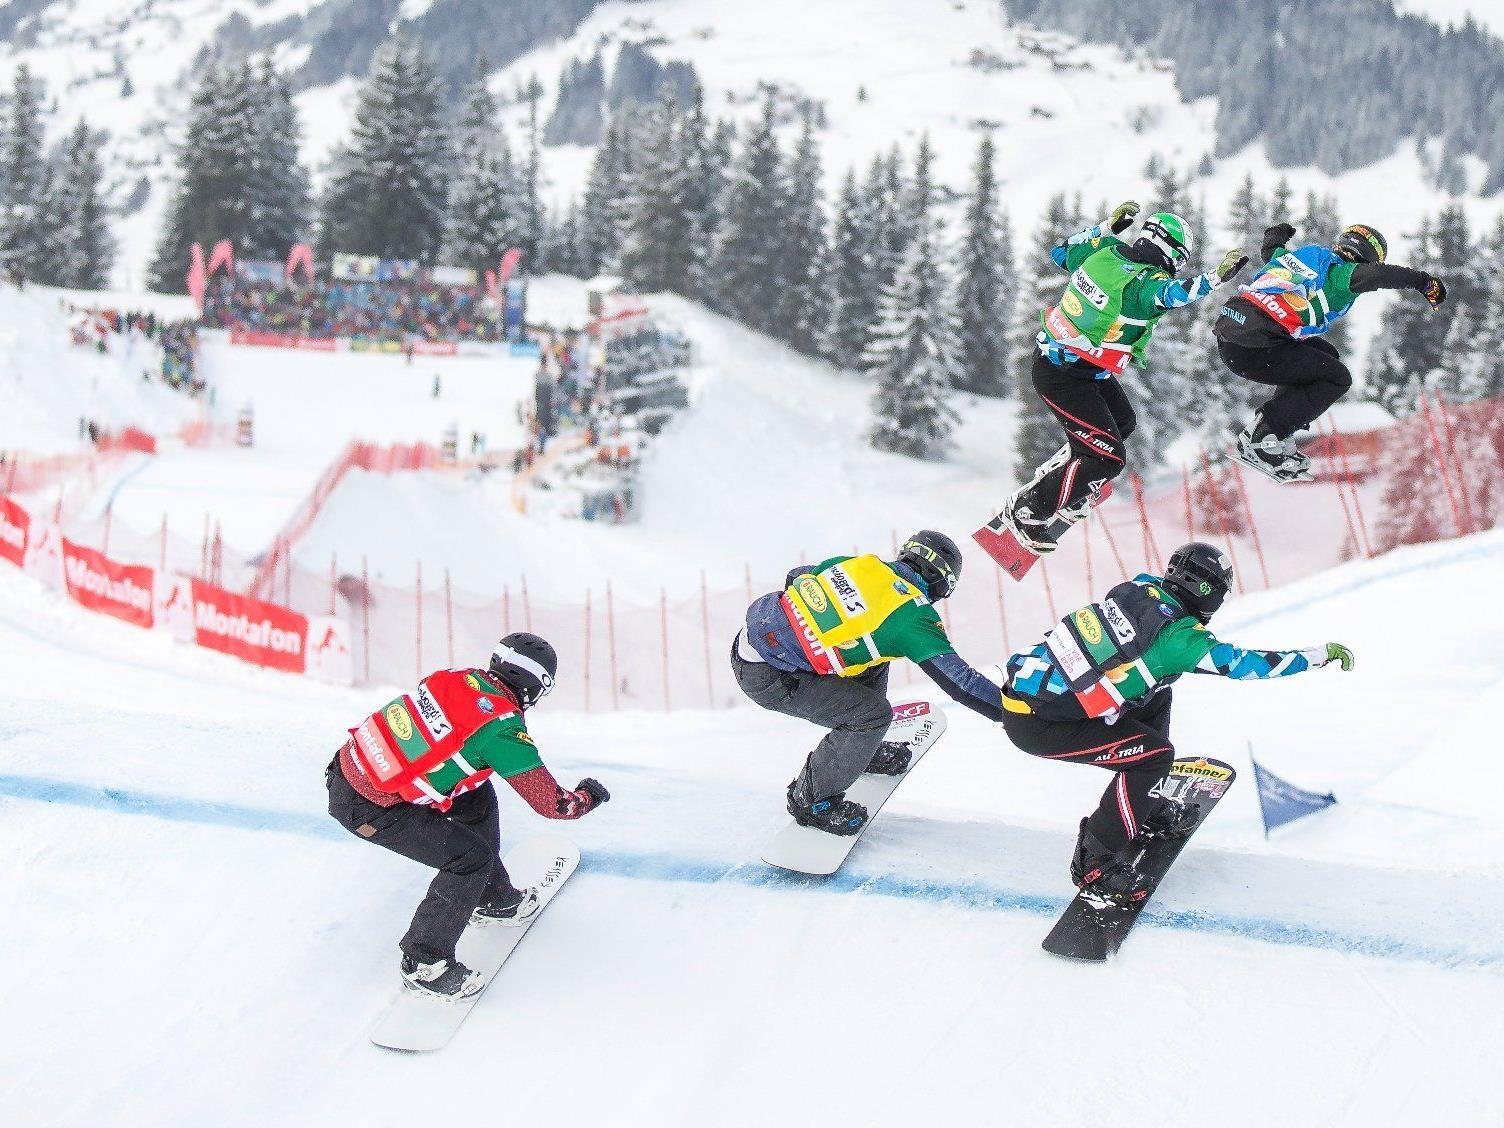 Bald beginnen die olympischen Jugendfestspiele in Vorarlberg und Liechtenstein.